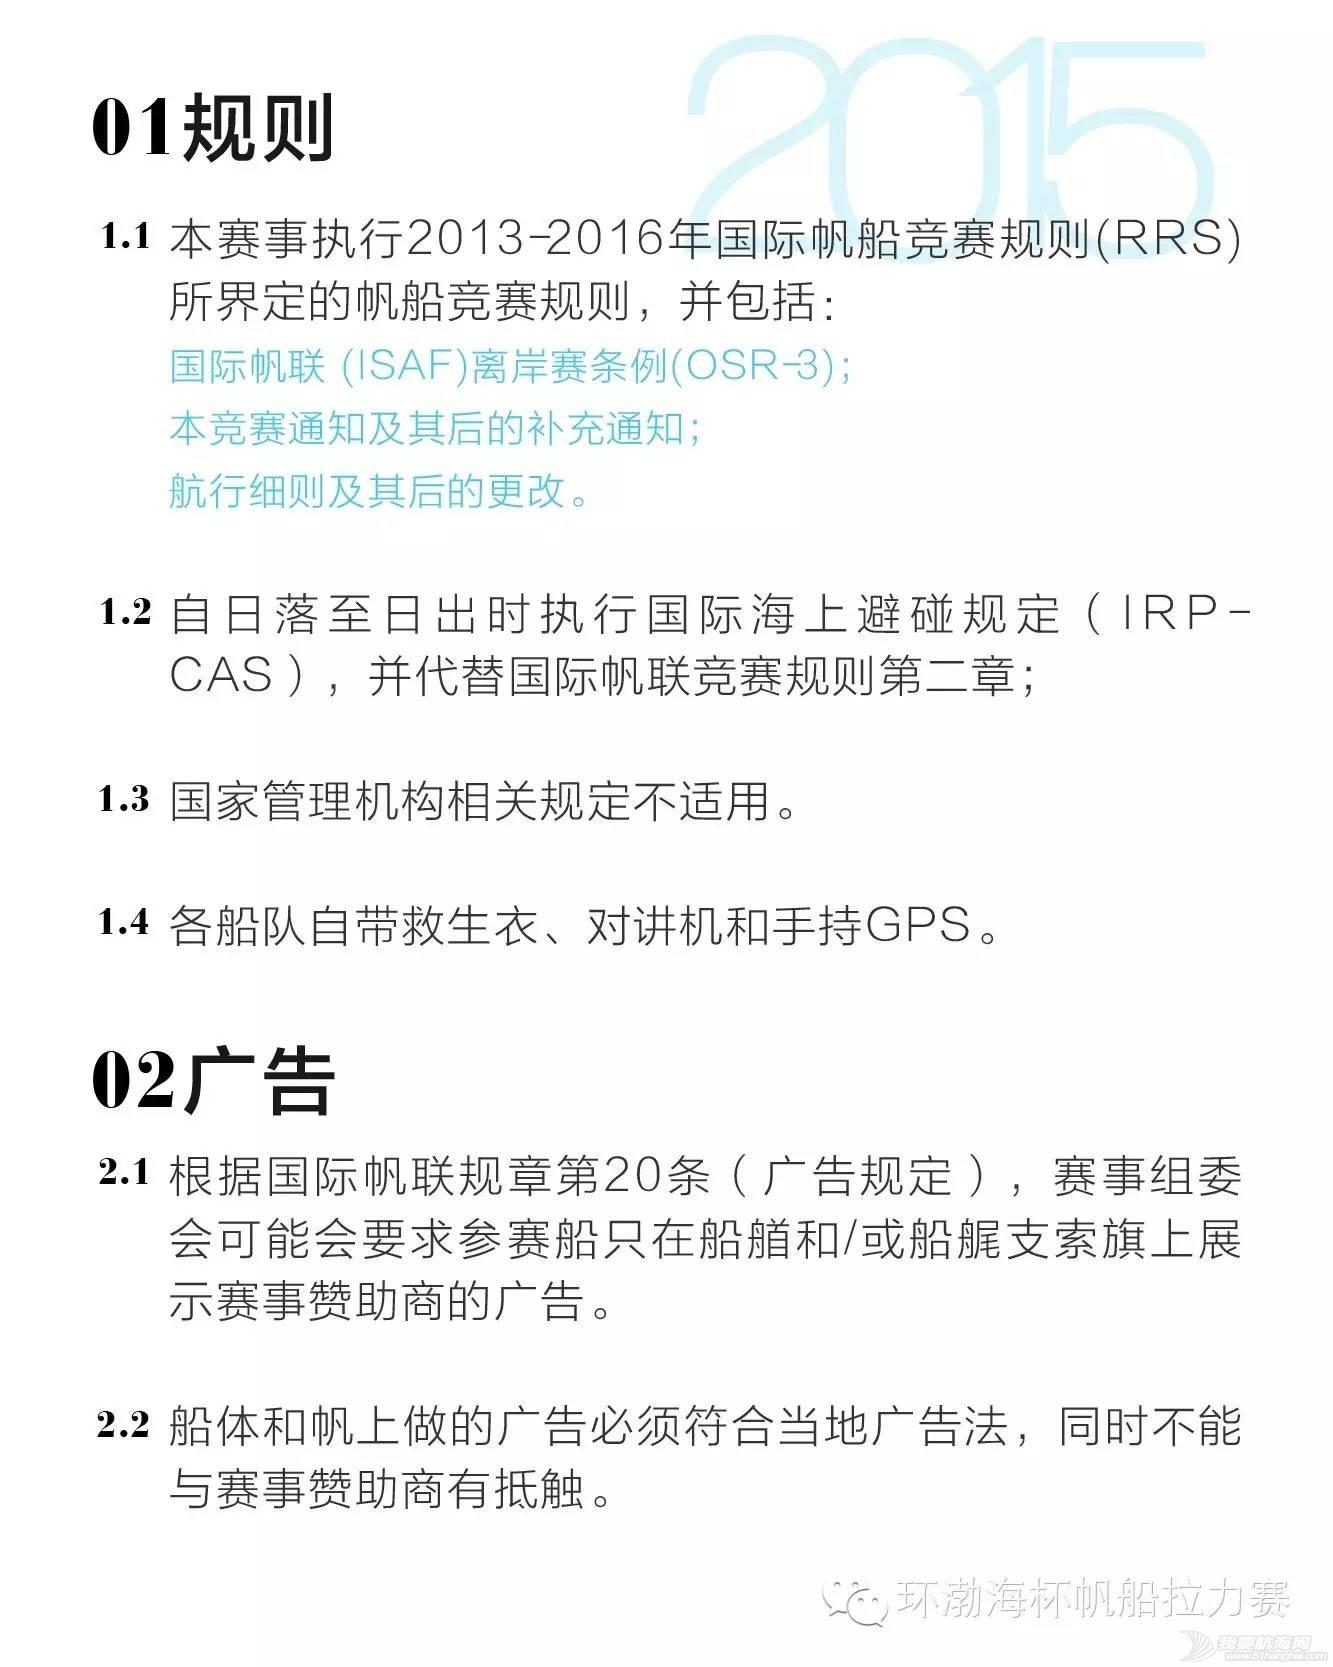 拉力赛,中国,渤海,帆船 2015中国环渤海帆船拉力赛竞赛通知 8029b46915743eed659e91bcec98b411.jpg